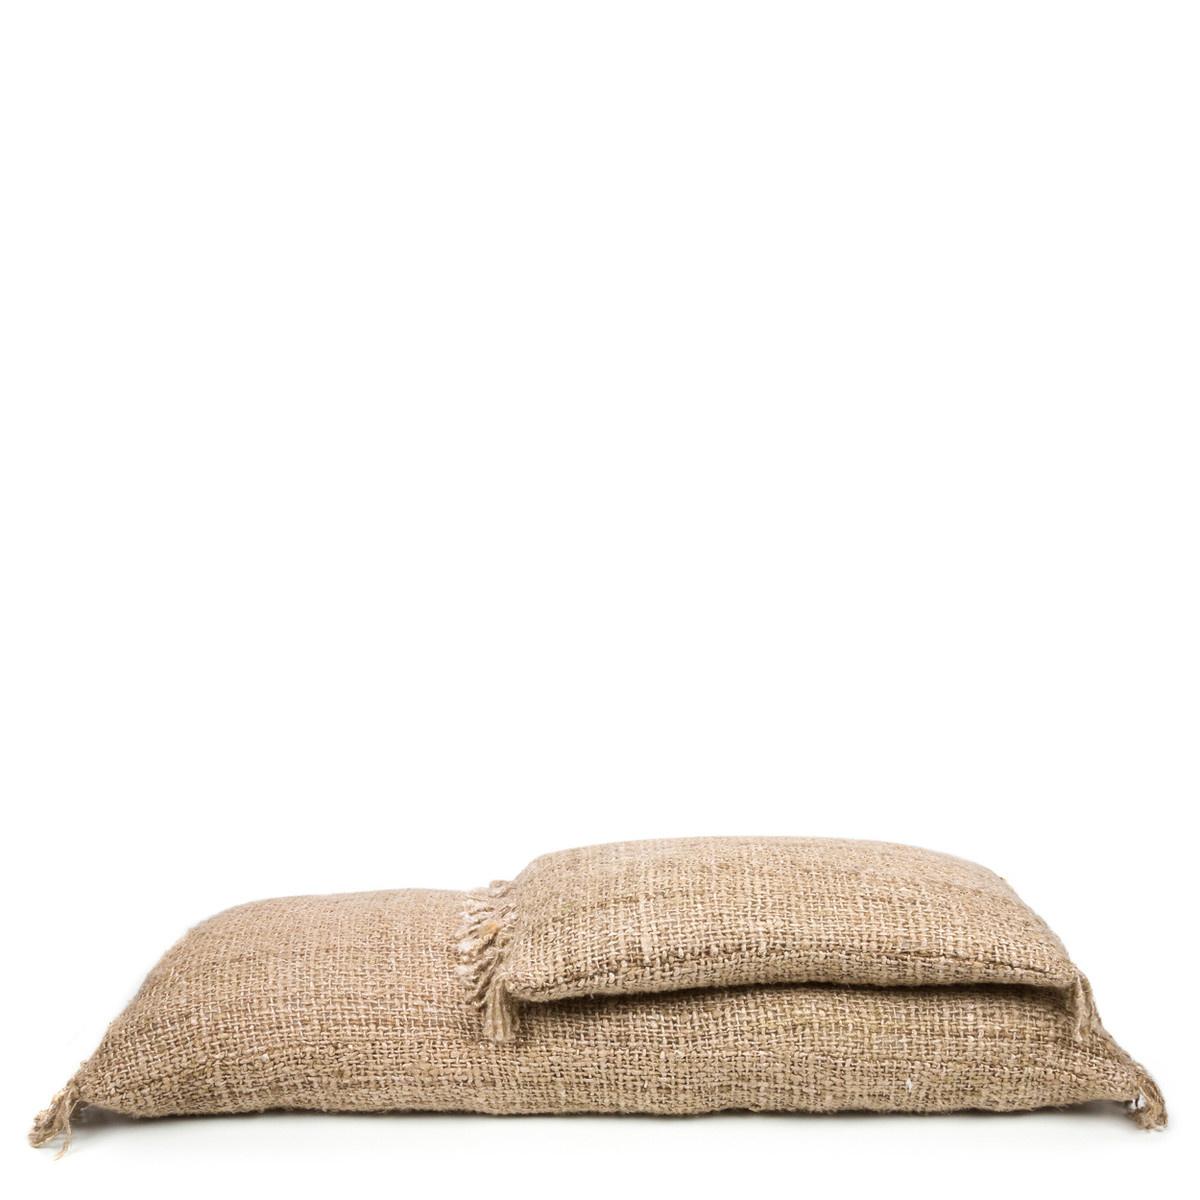 Bazar Bizar Cushion Boho - Beige - L100xW35cm